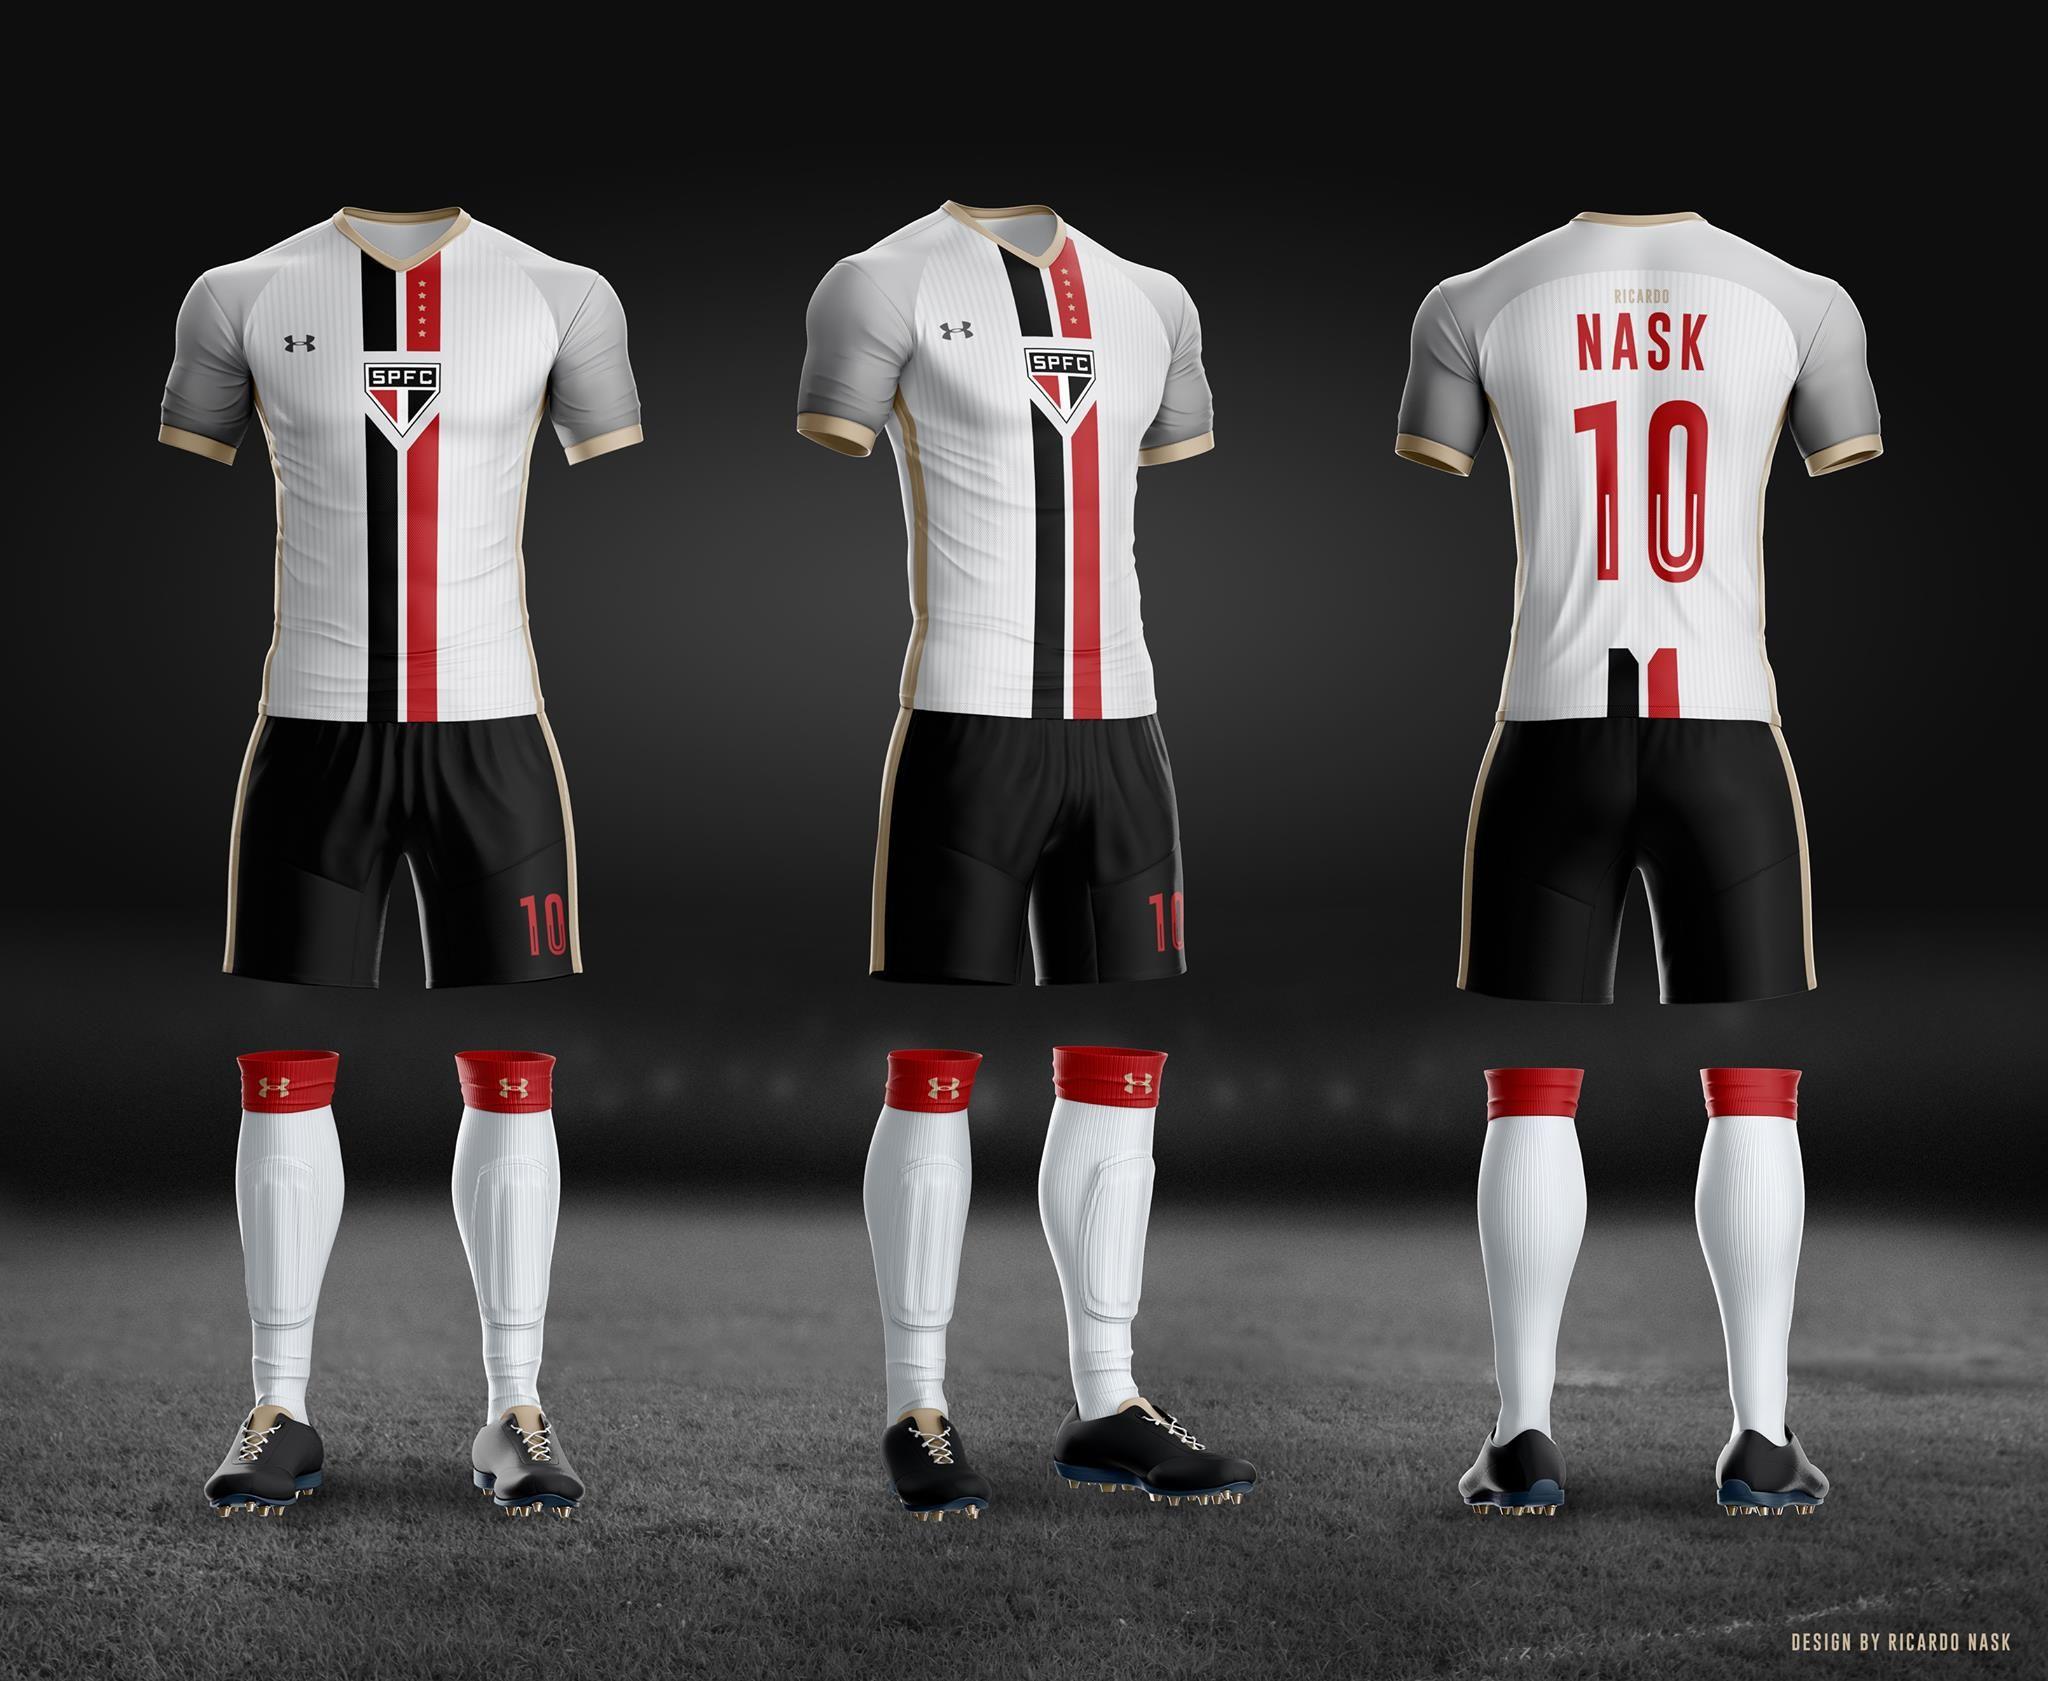 4b37ac3d03d Leitor MDF  Camisas do São Paulo FC por Ricardo Nask